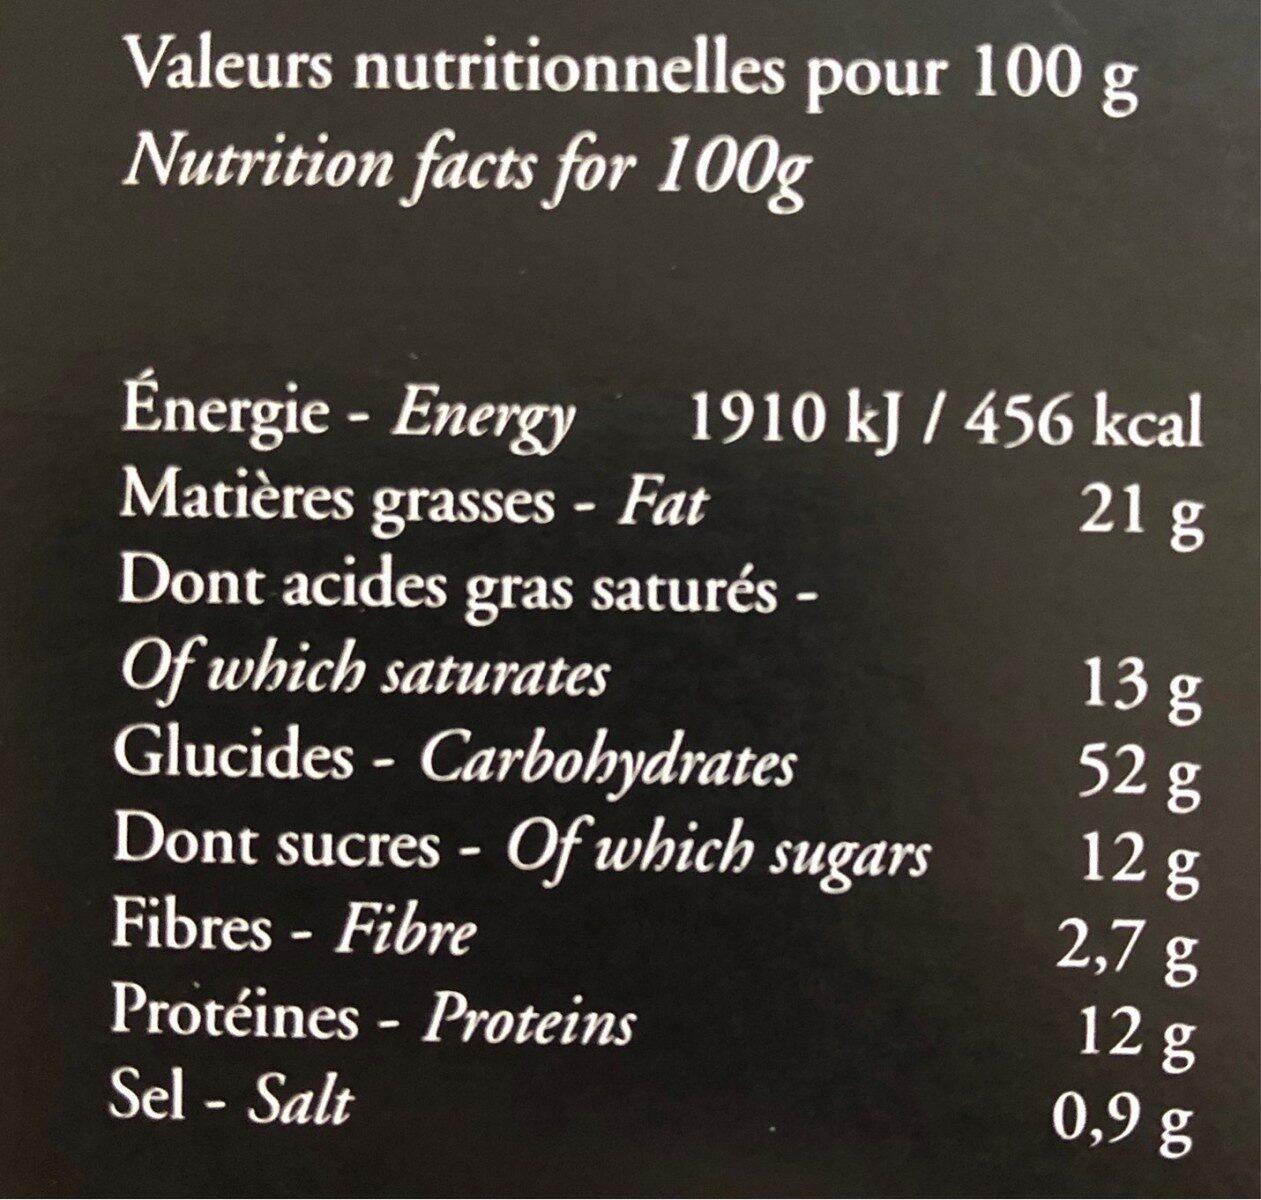 Biscuits salés au fromage de chevre, tomate er oignon - Nutrition facts - fr